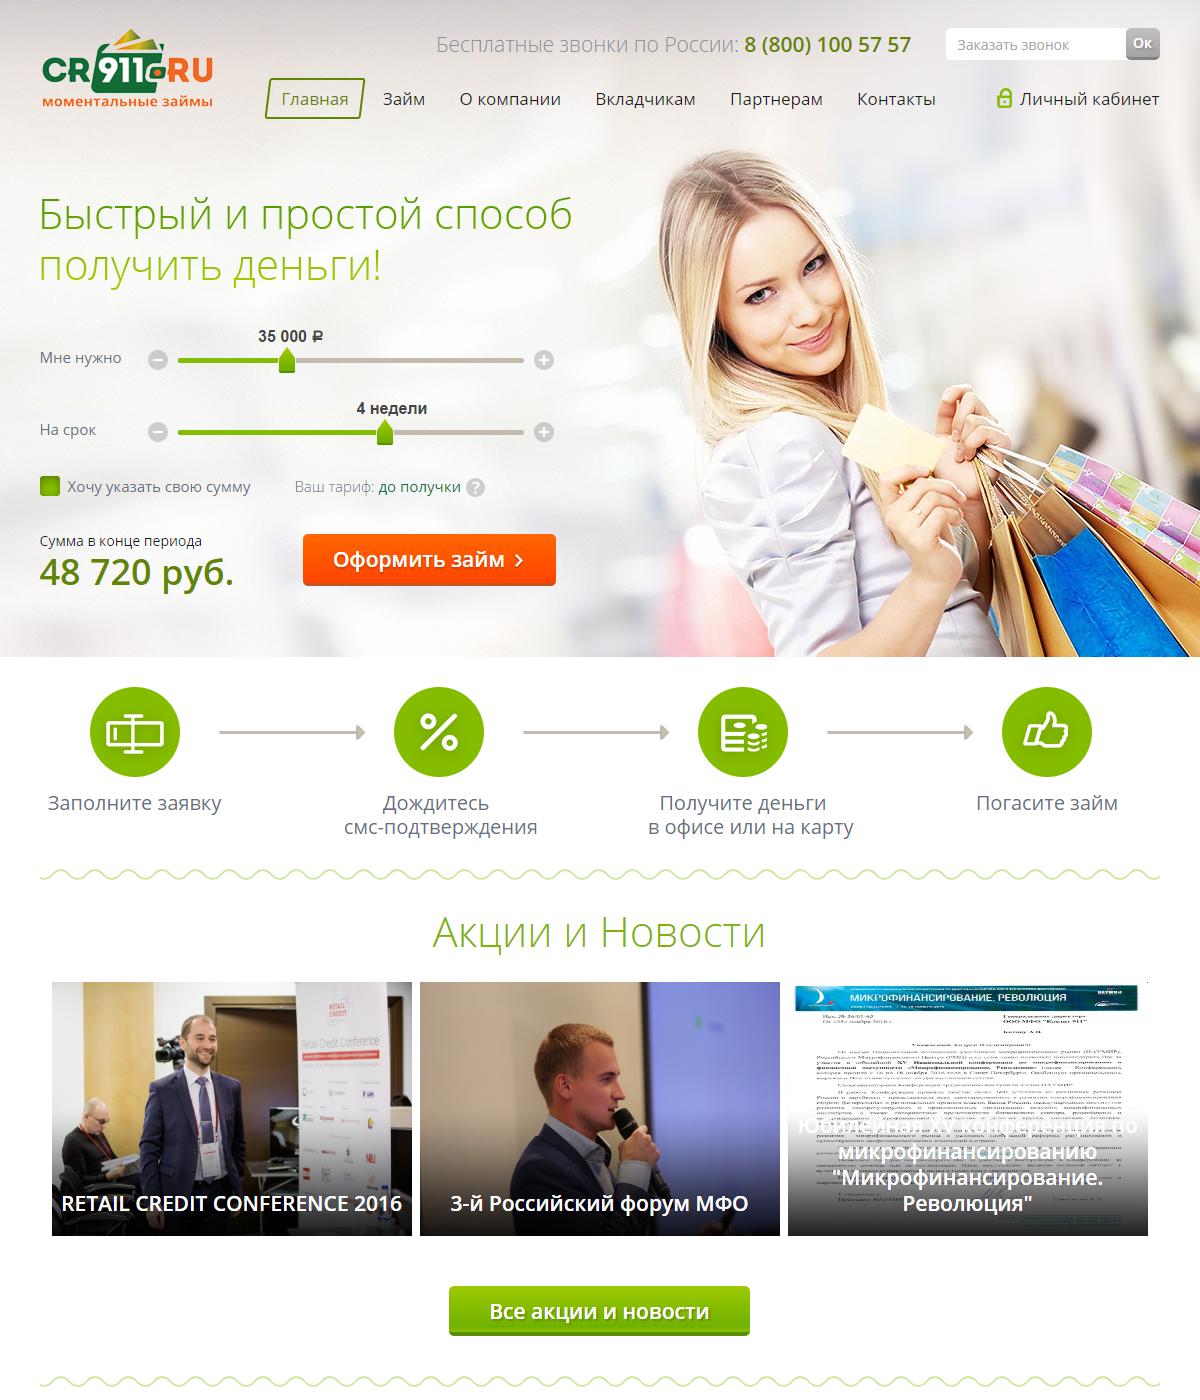 сайт компании крафт москва